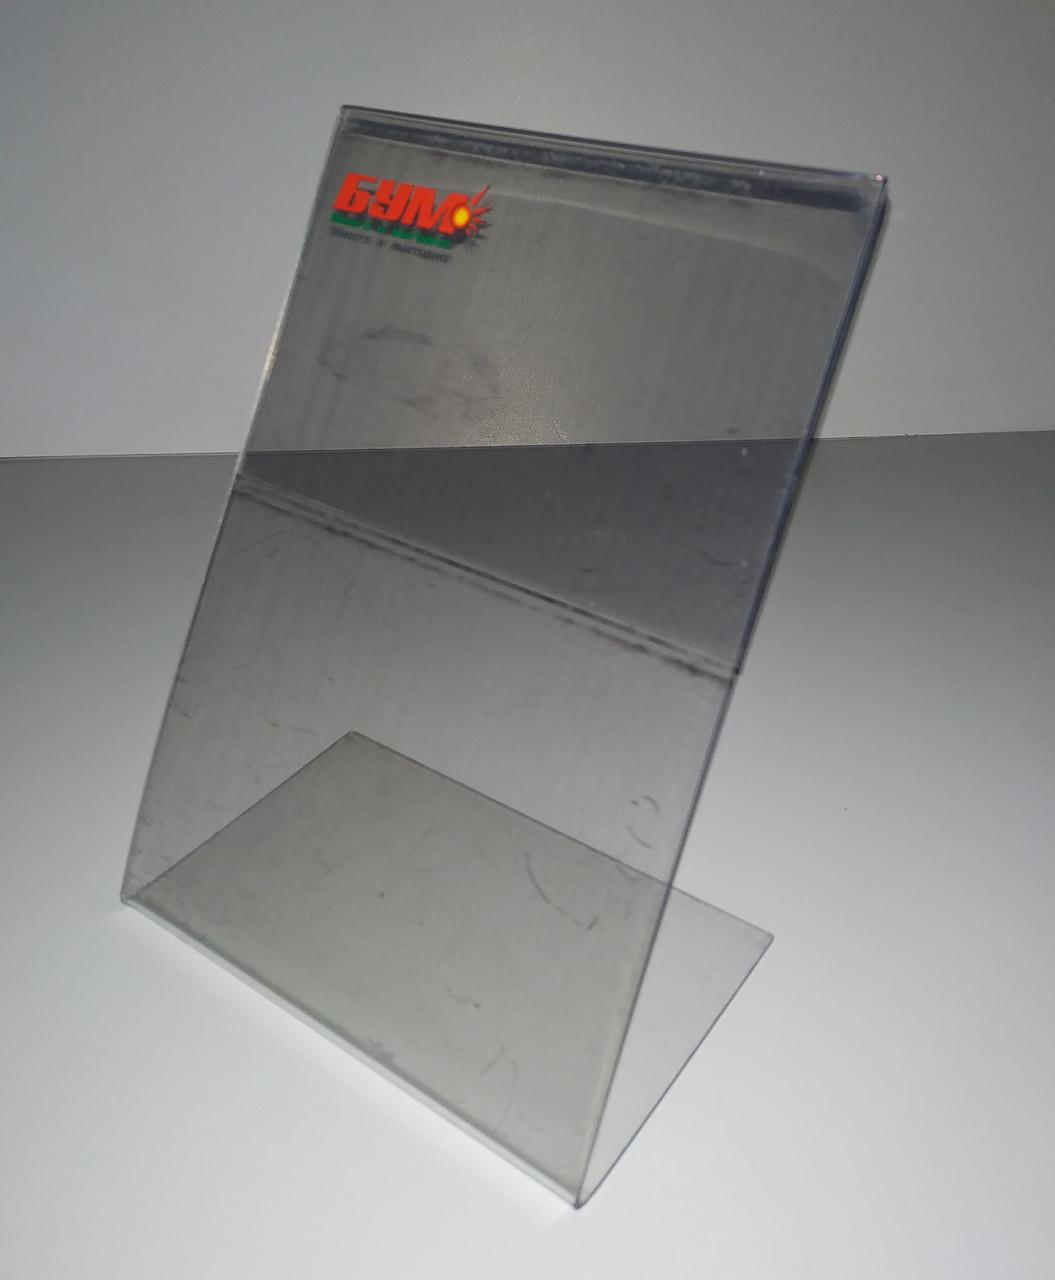 Ценник пластиковый горизонтальный 220*150 мм. Ценникодержатель настольный.  L-образный ценникодержатель б/у